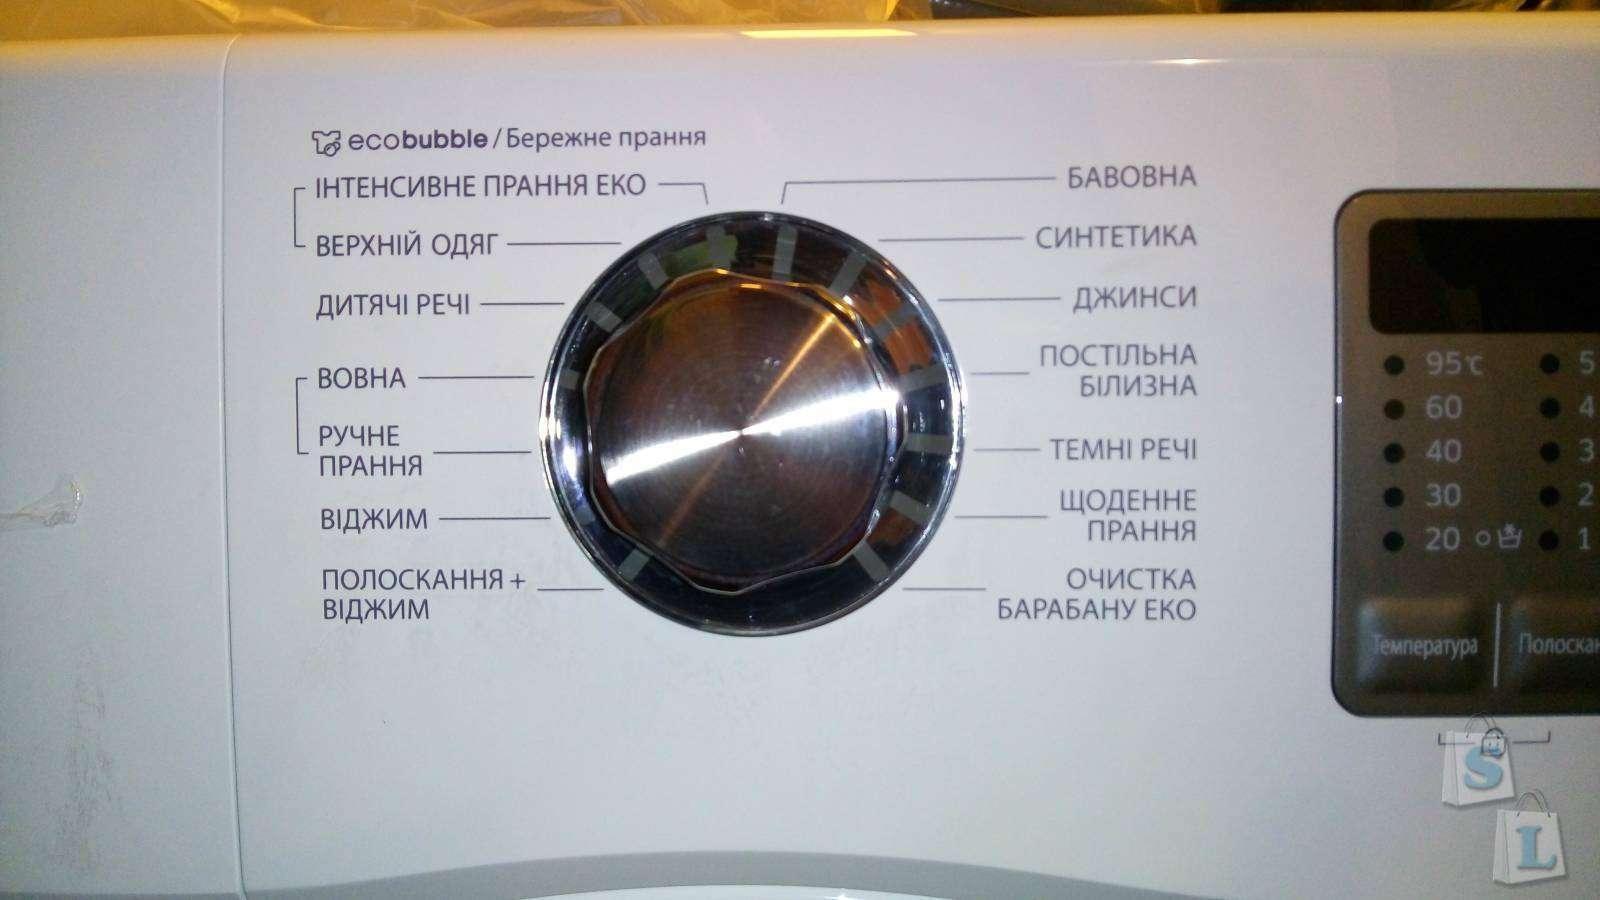 Фотос: Обзор стиральной машины Samsung Eco Bubble WF702U2BBWQ/LP